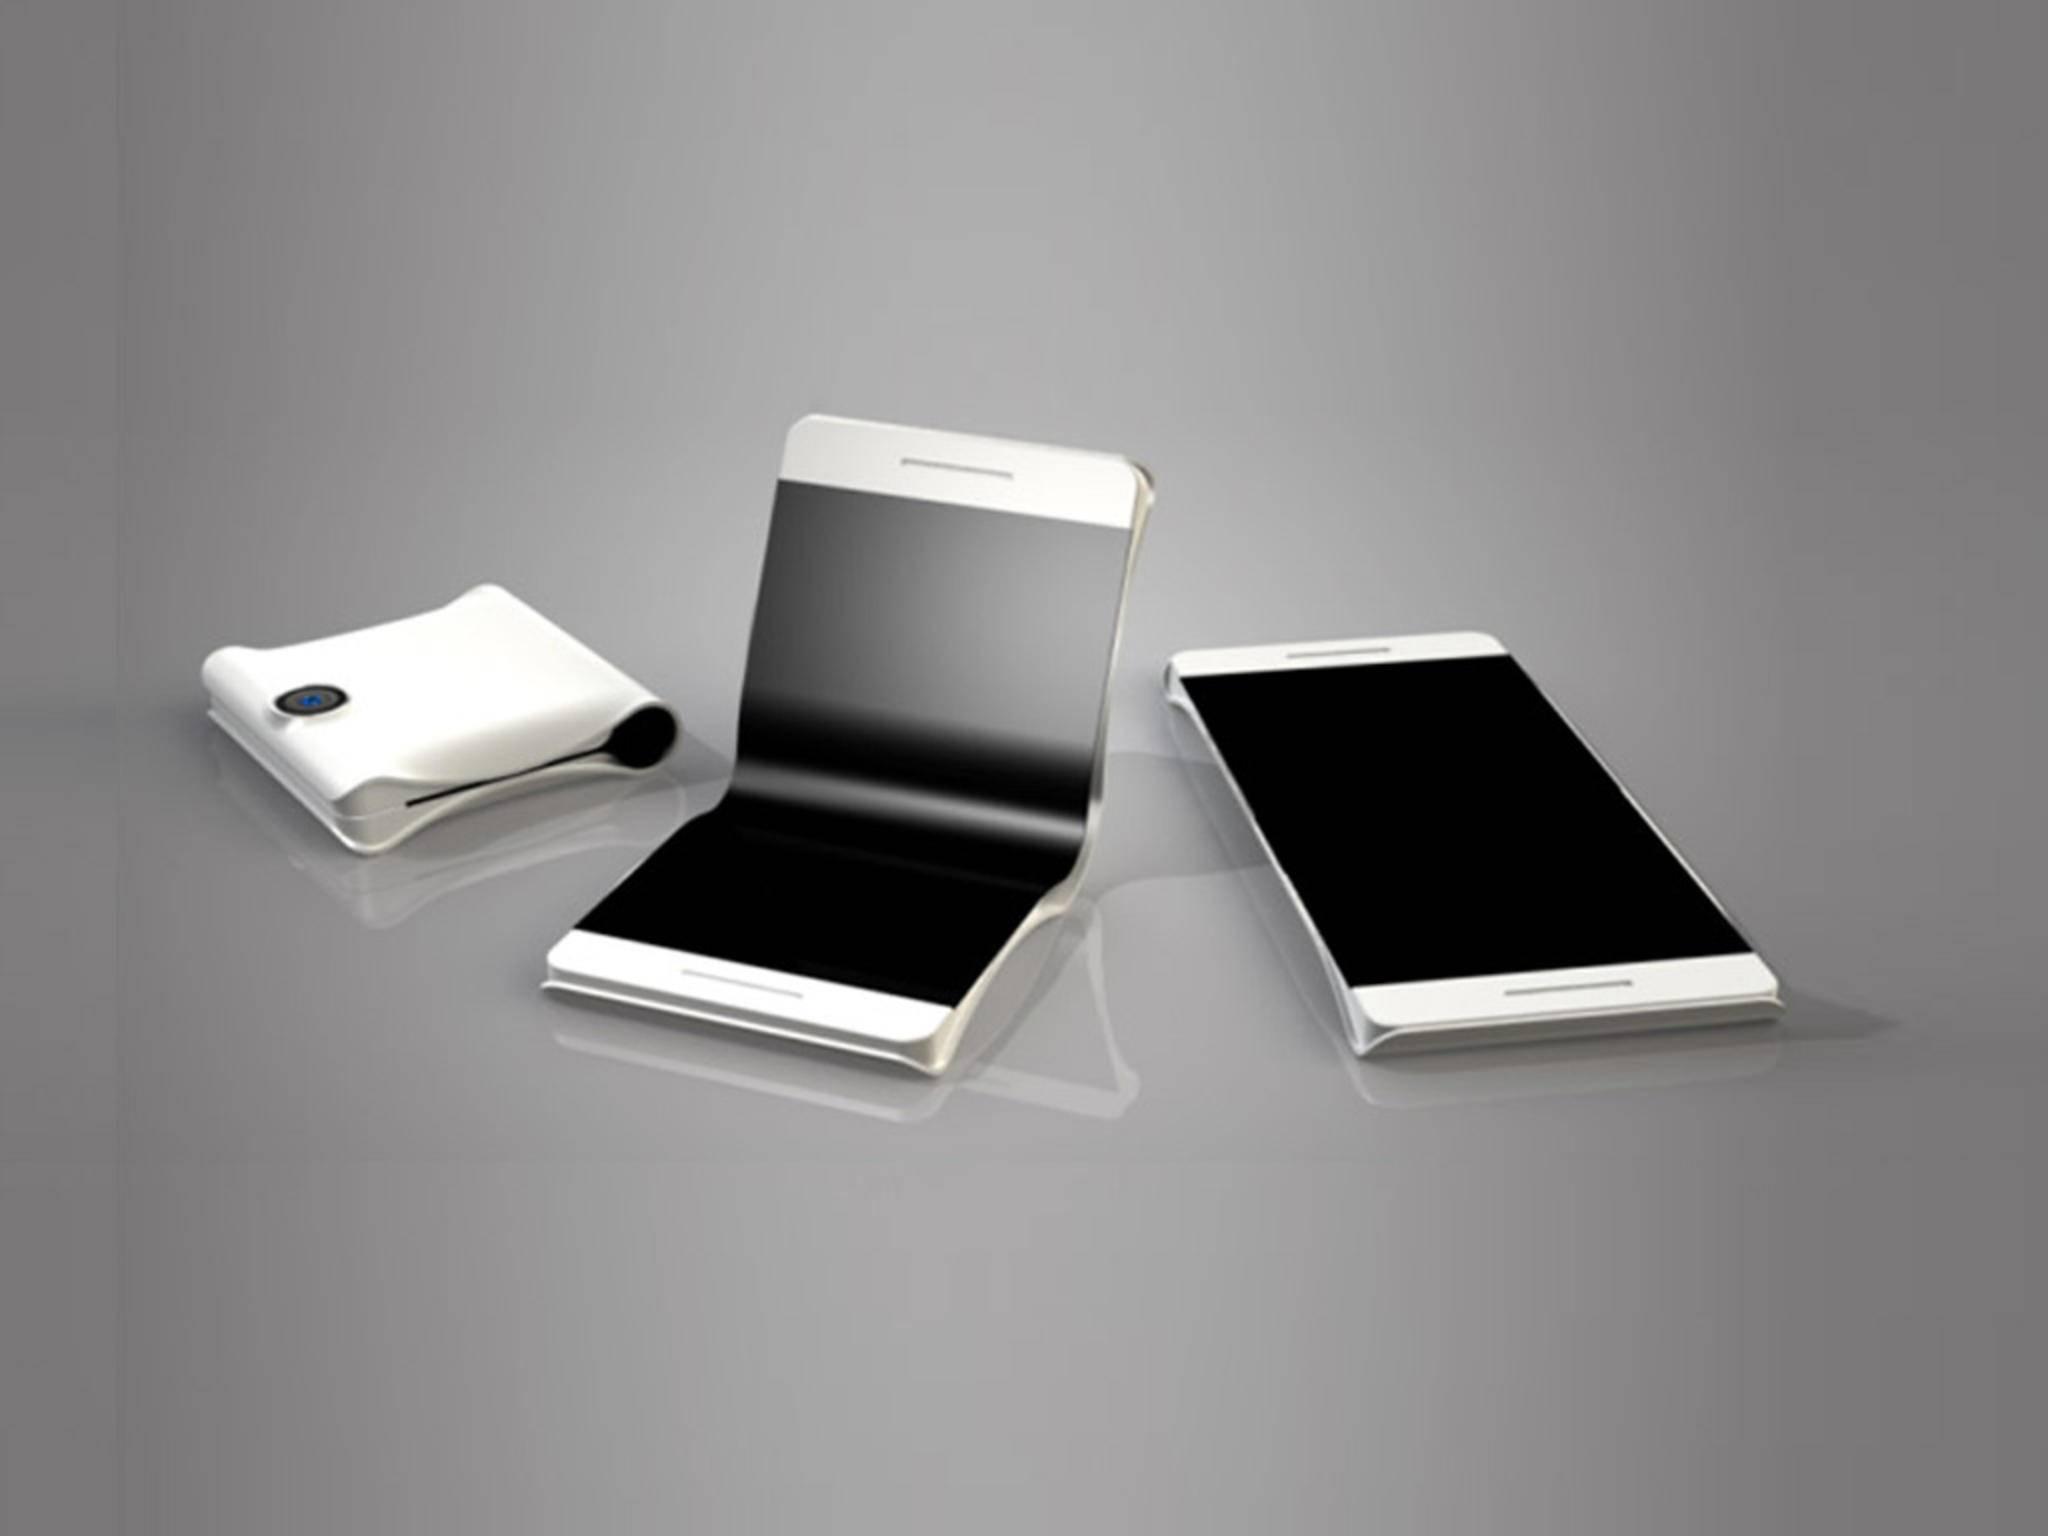 Neue Details zu Samsungs faltbaren Displays sind aufgetaucht.